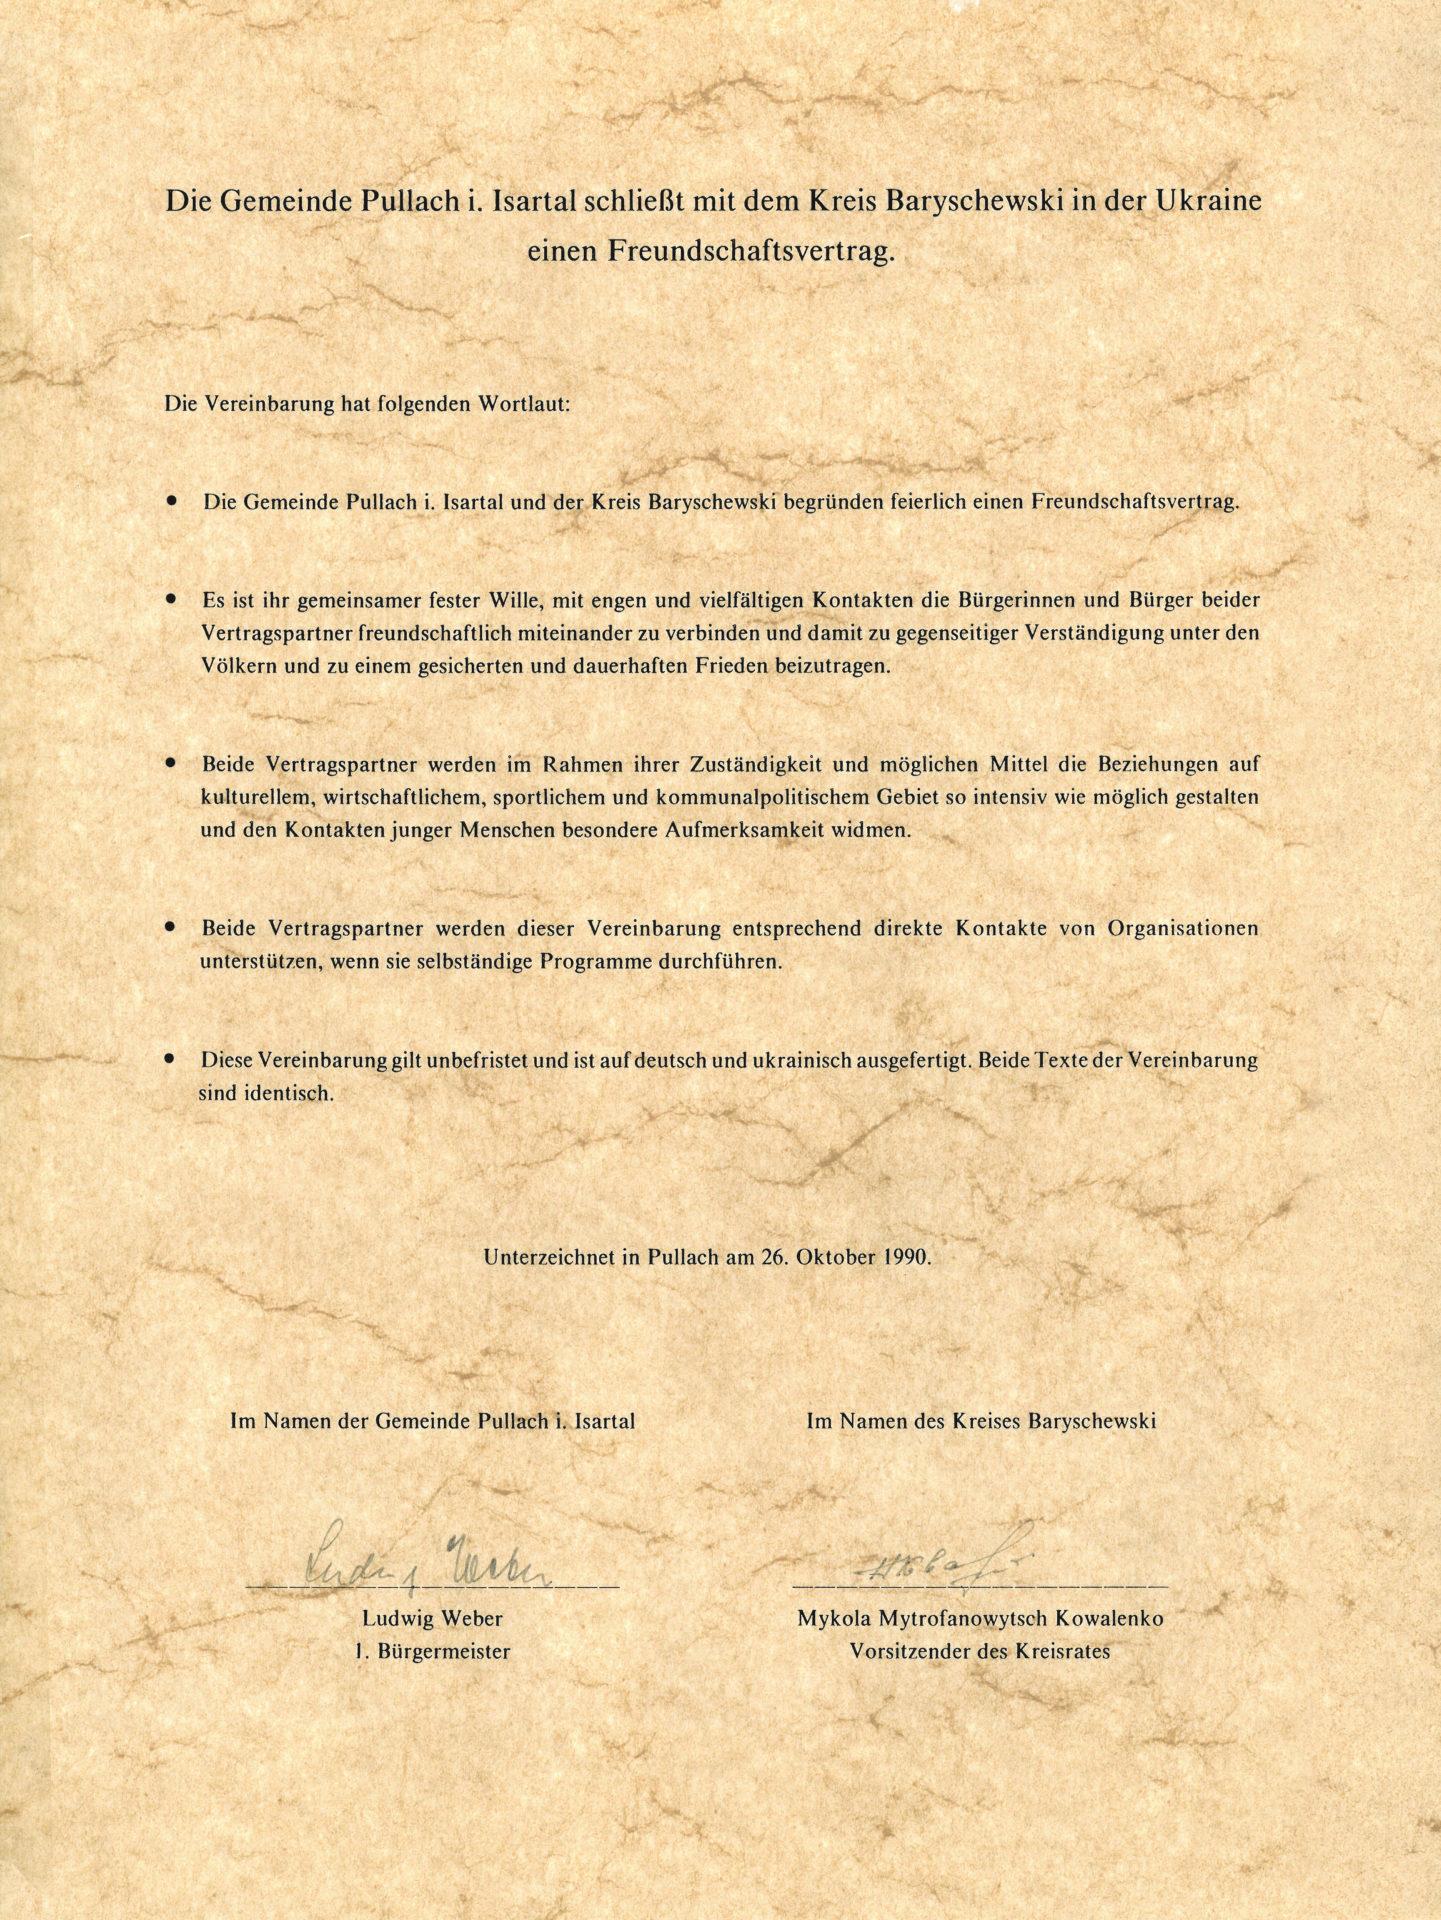 Freundschaftsvertrag Baryschiwka deutsch